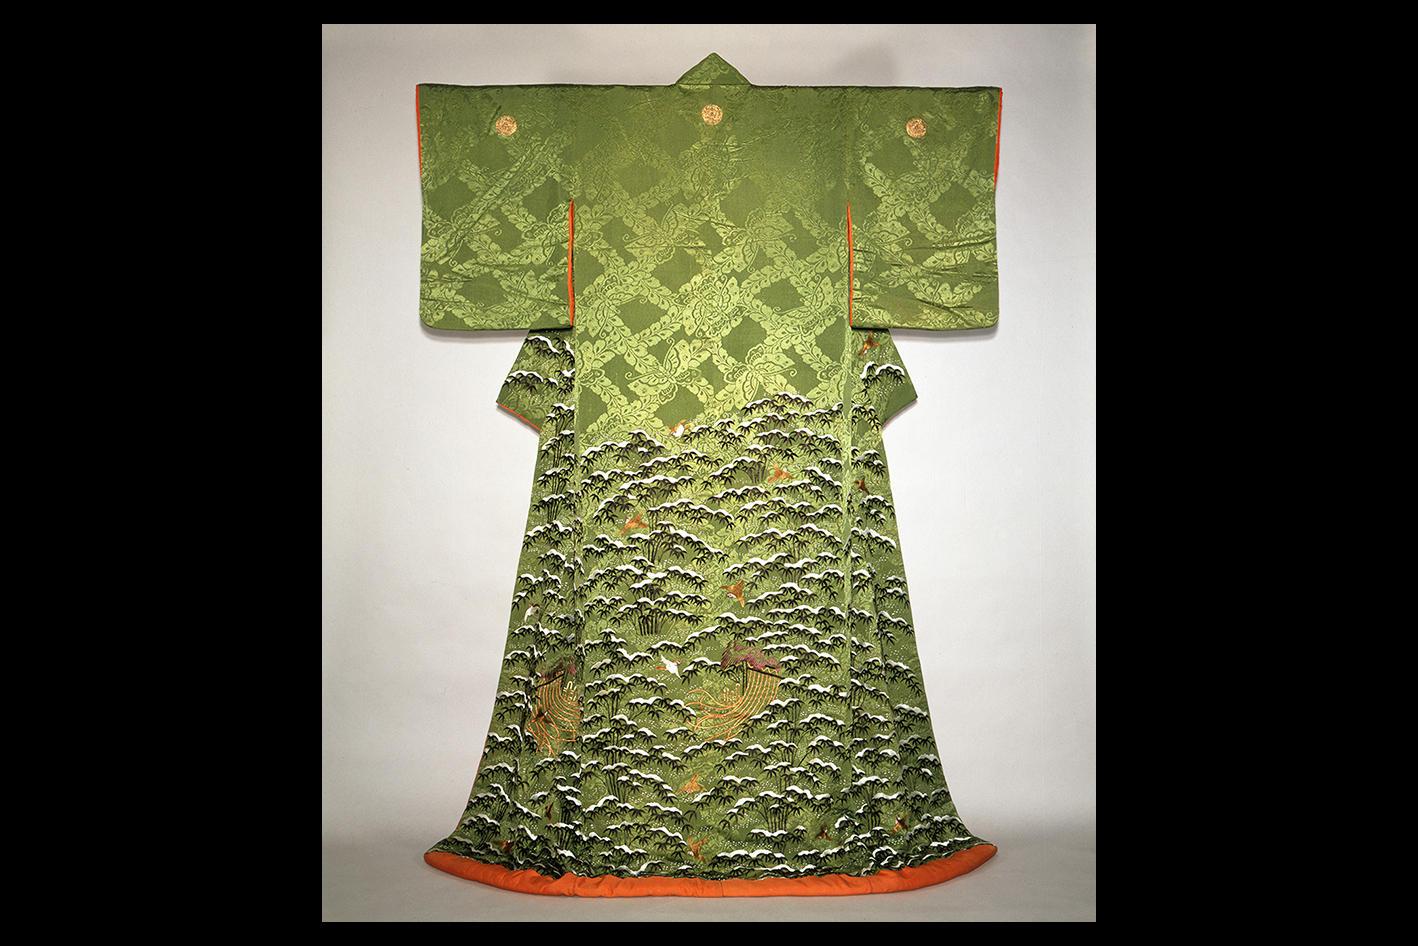 萌黄紋縮緬地雪持竹雀文様牡丹紋付小袖